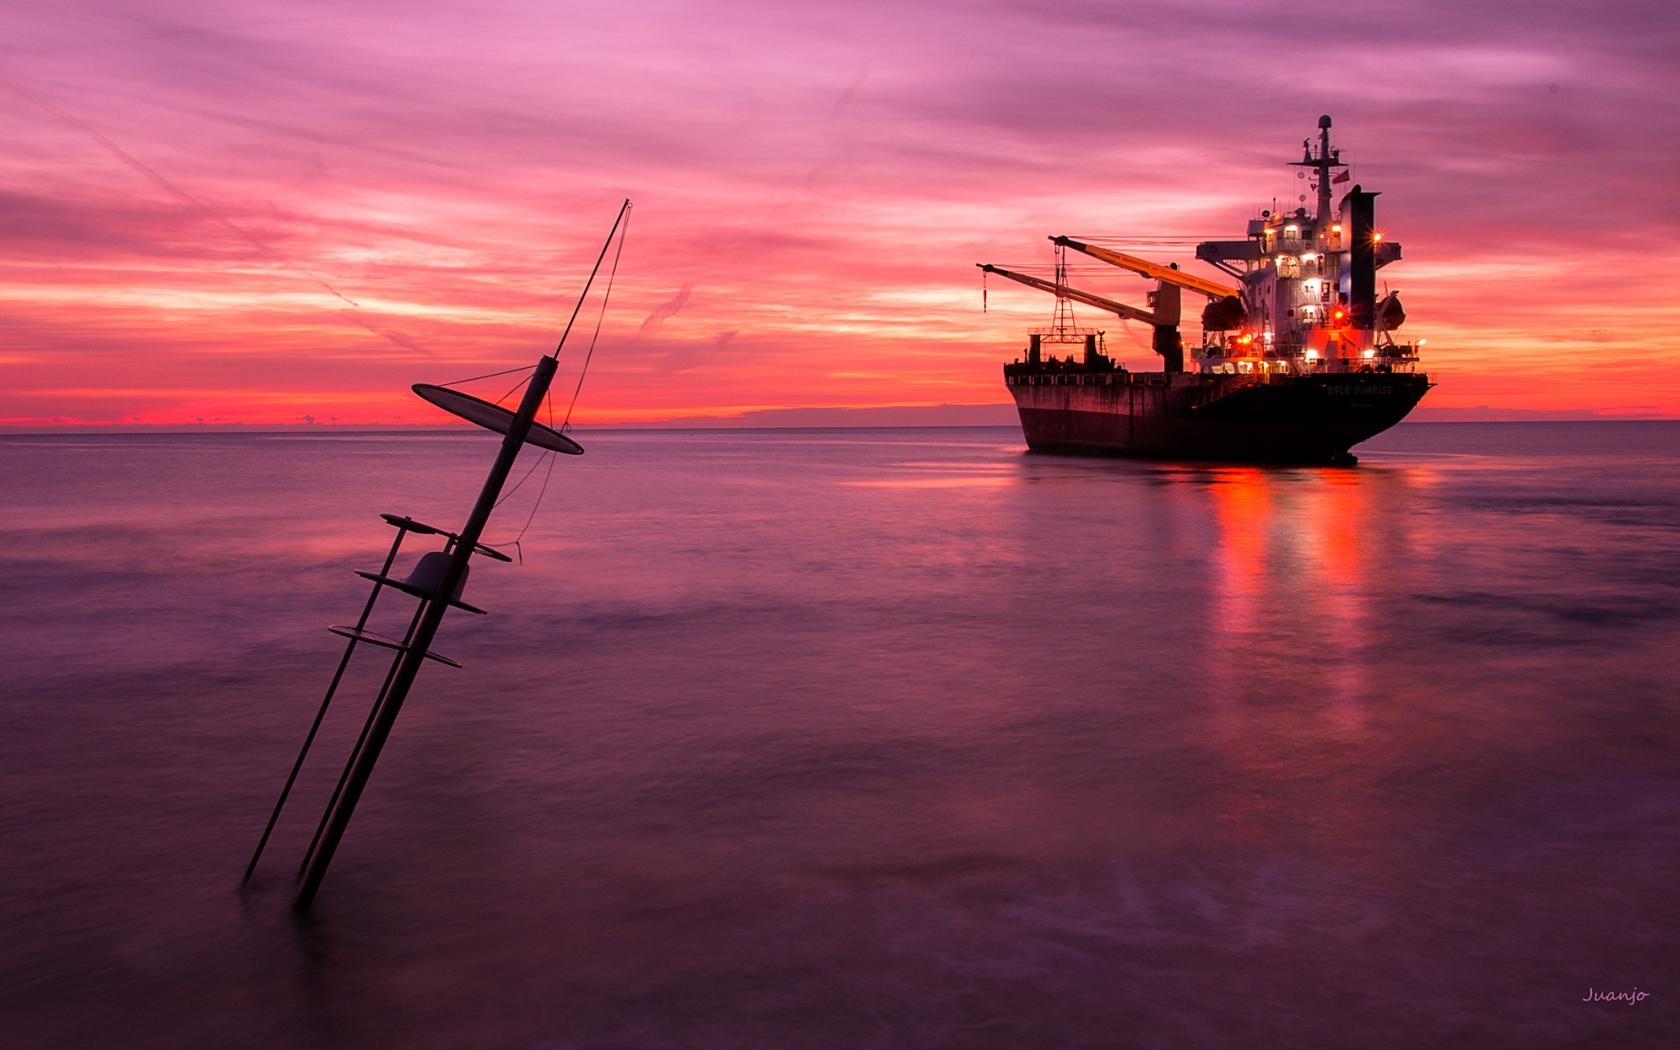 Un atardecer y un gran barco - 1680x1050